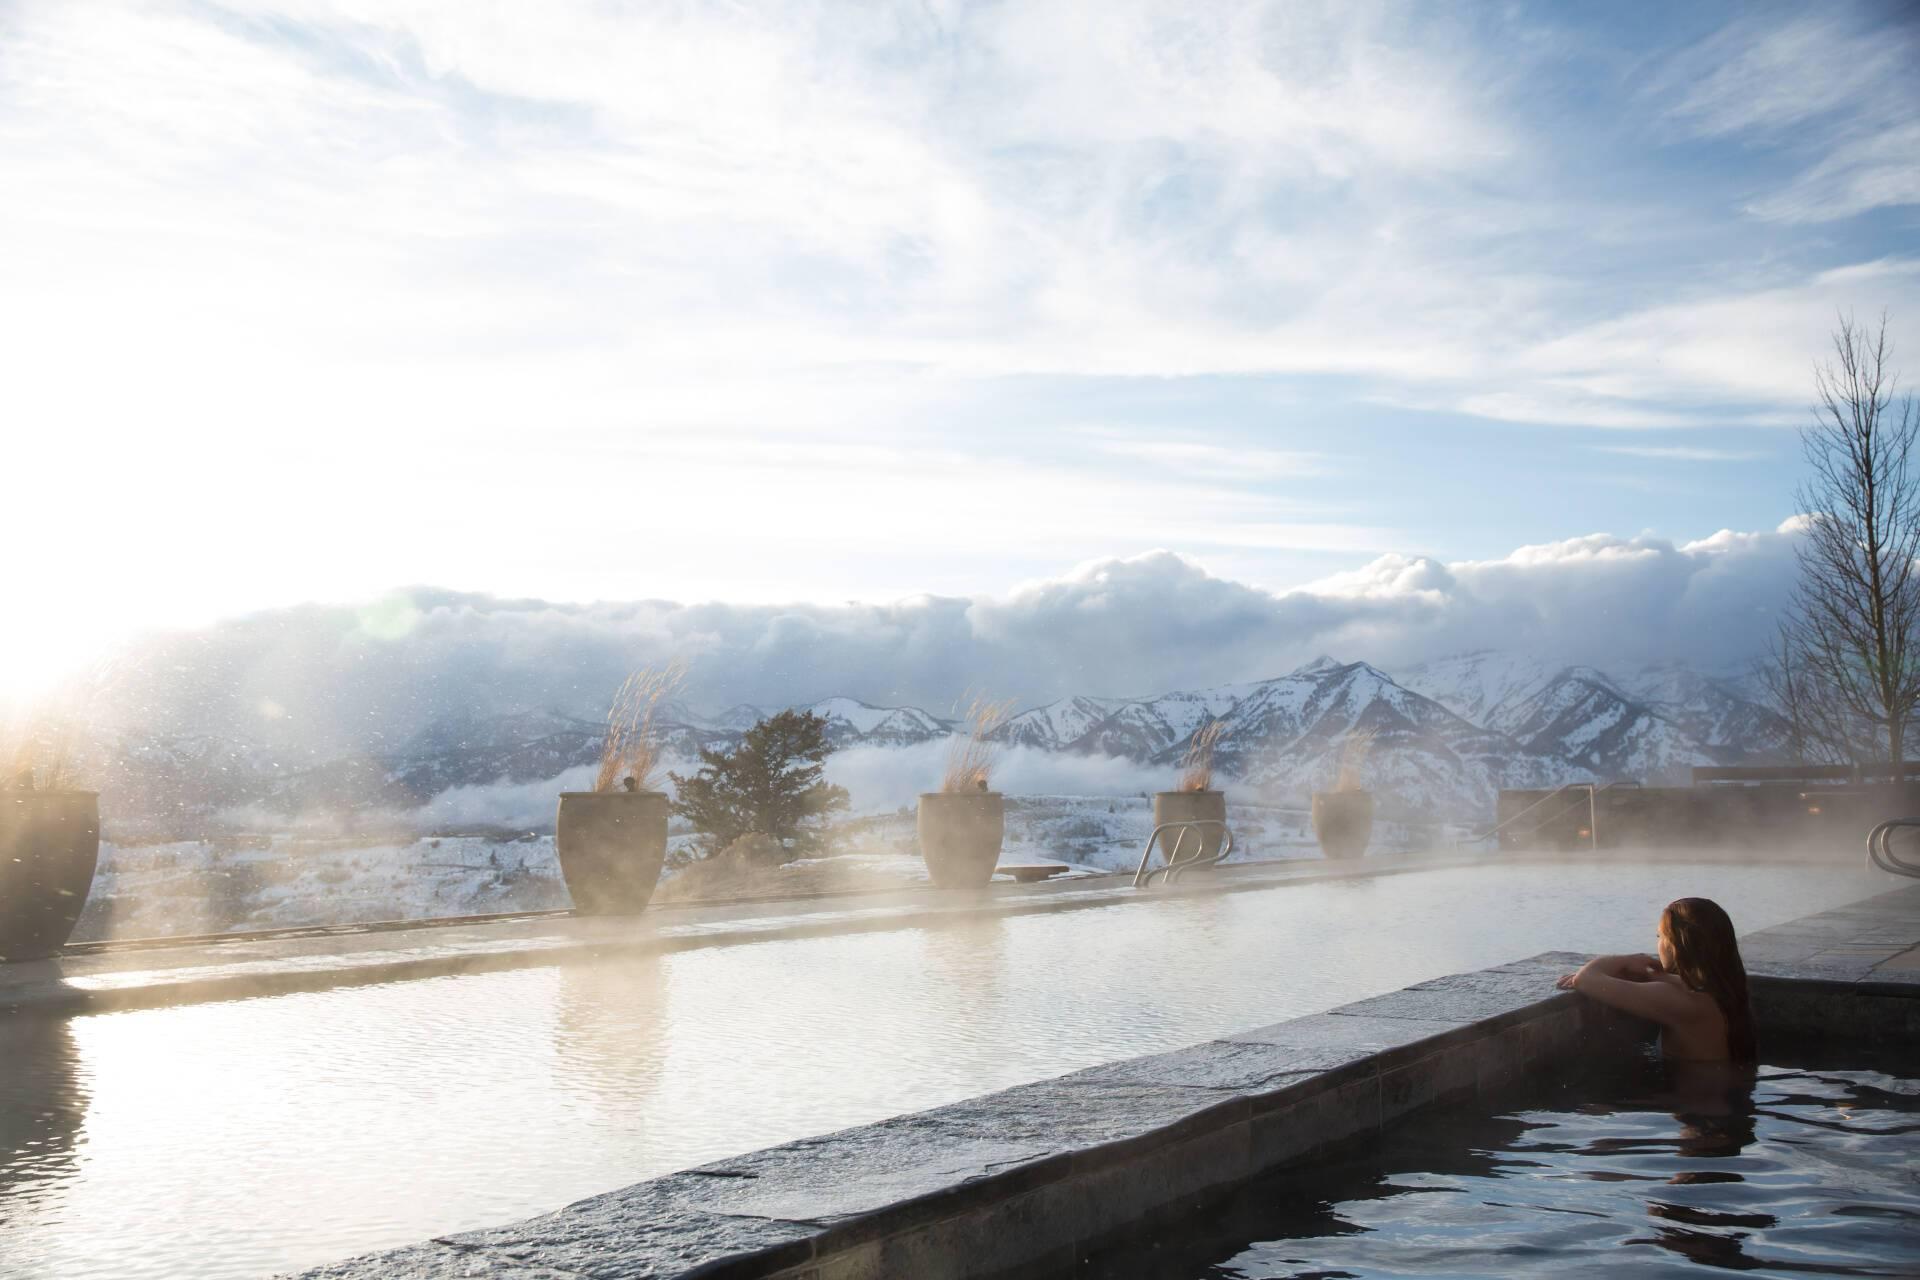 Amangani Jacuzzi Etats Unis Yellowstone